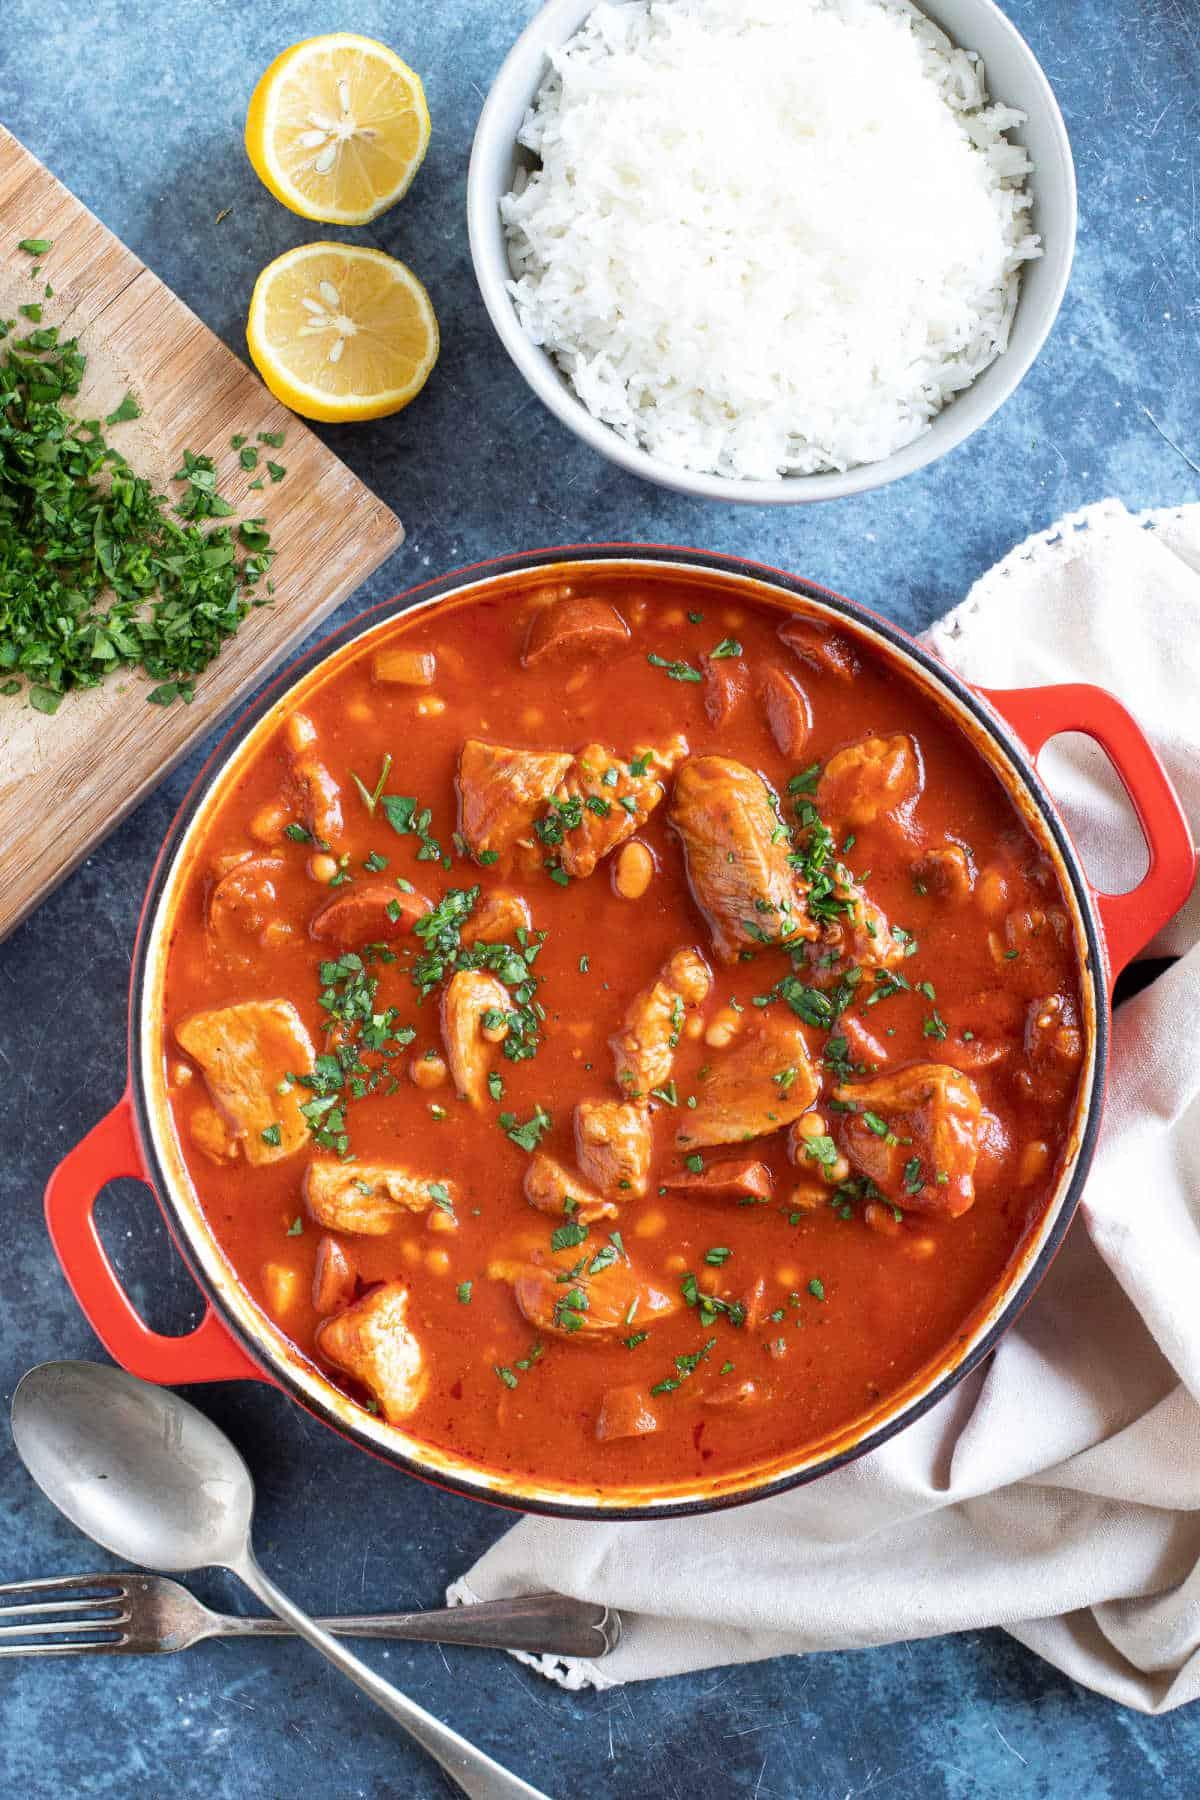 Smoky pork and chorizo stew with rice.